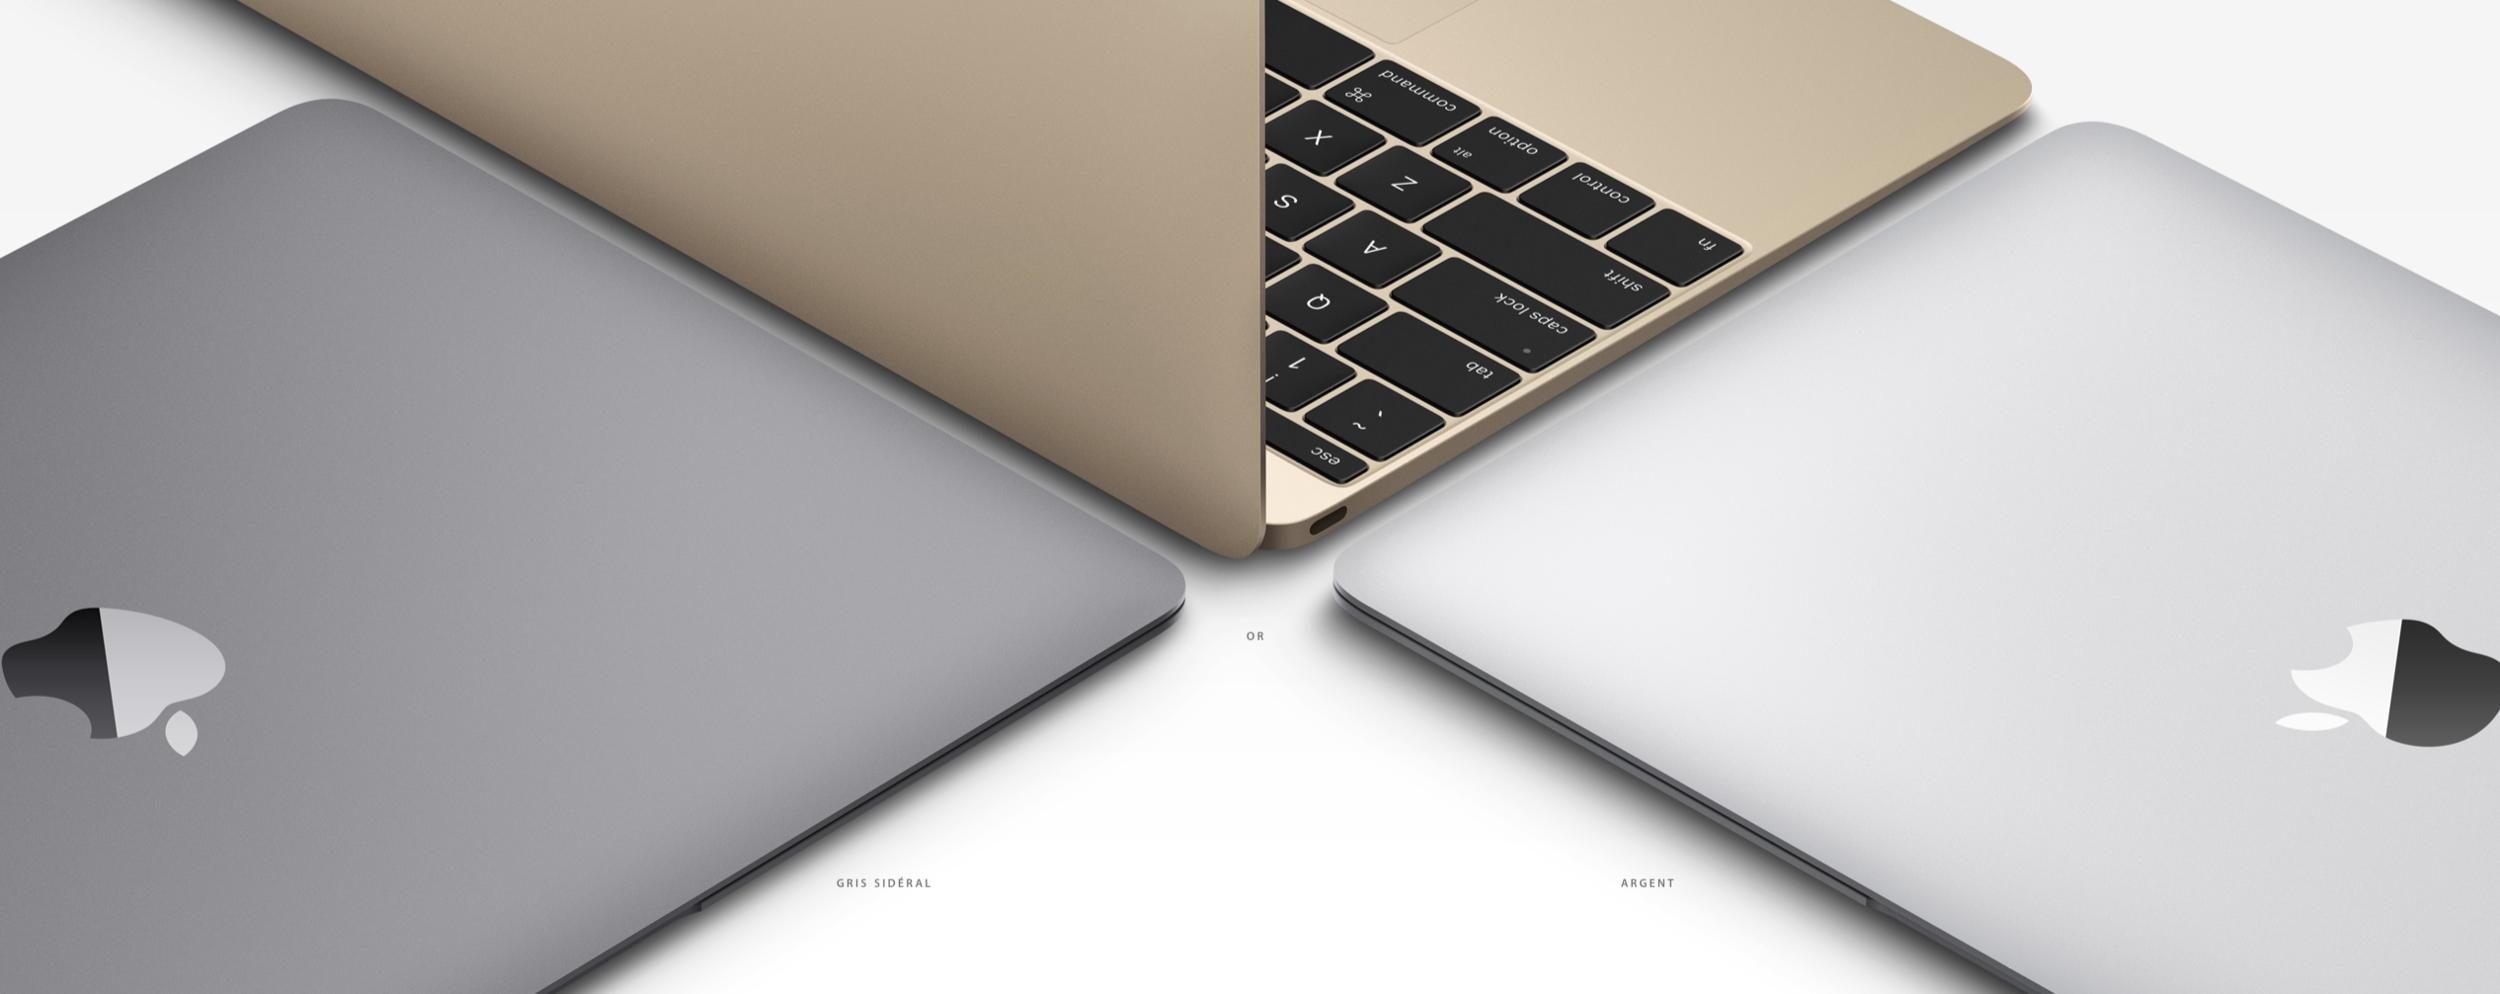 Trois couleurs disponibles, comme les iPad et les iPhone.